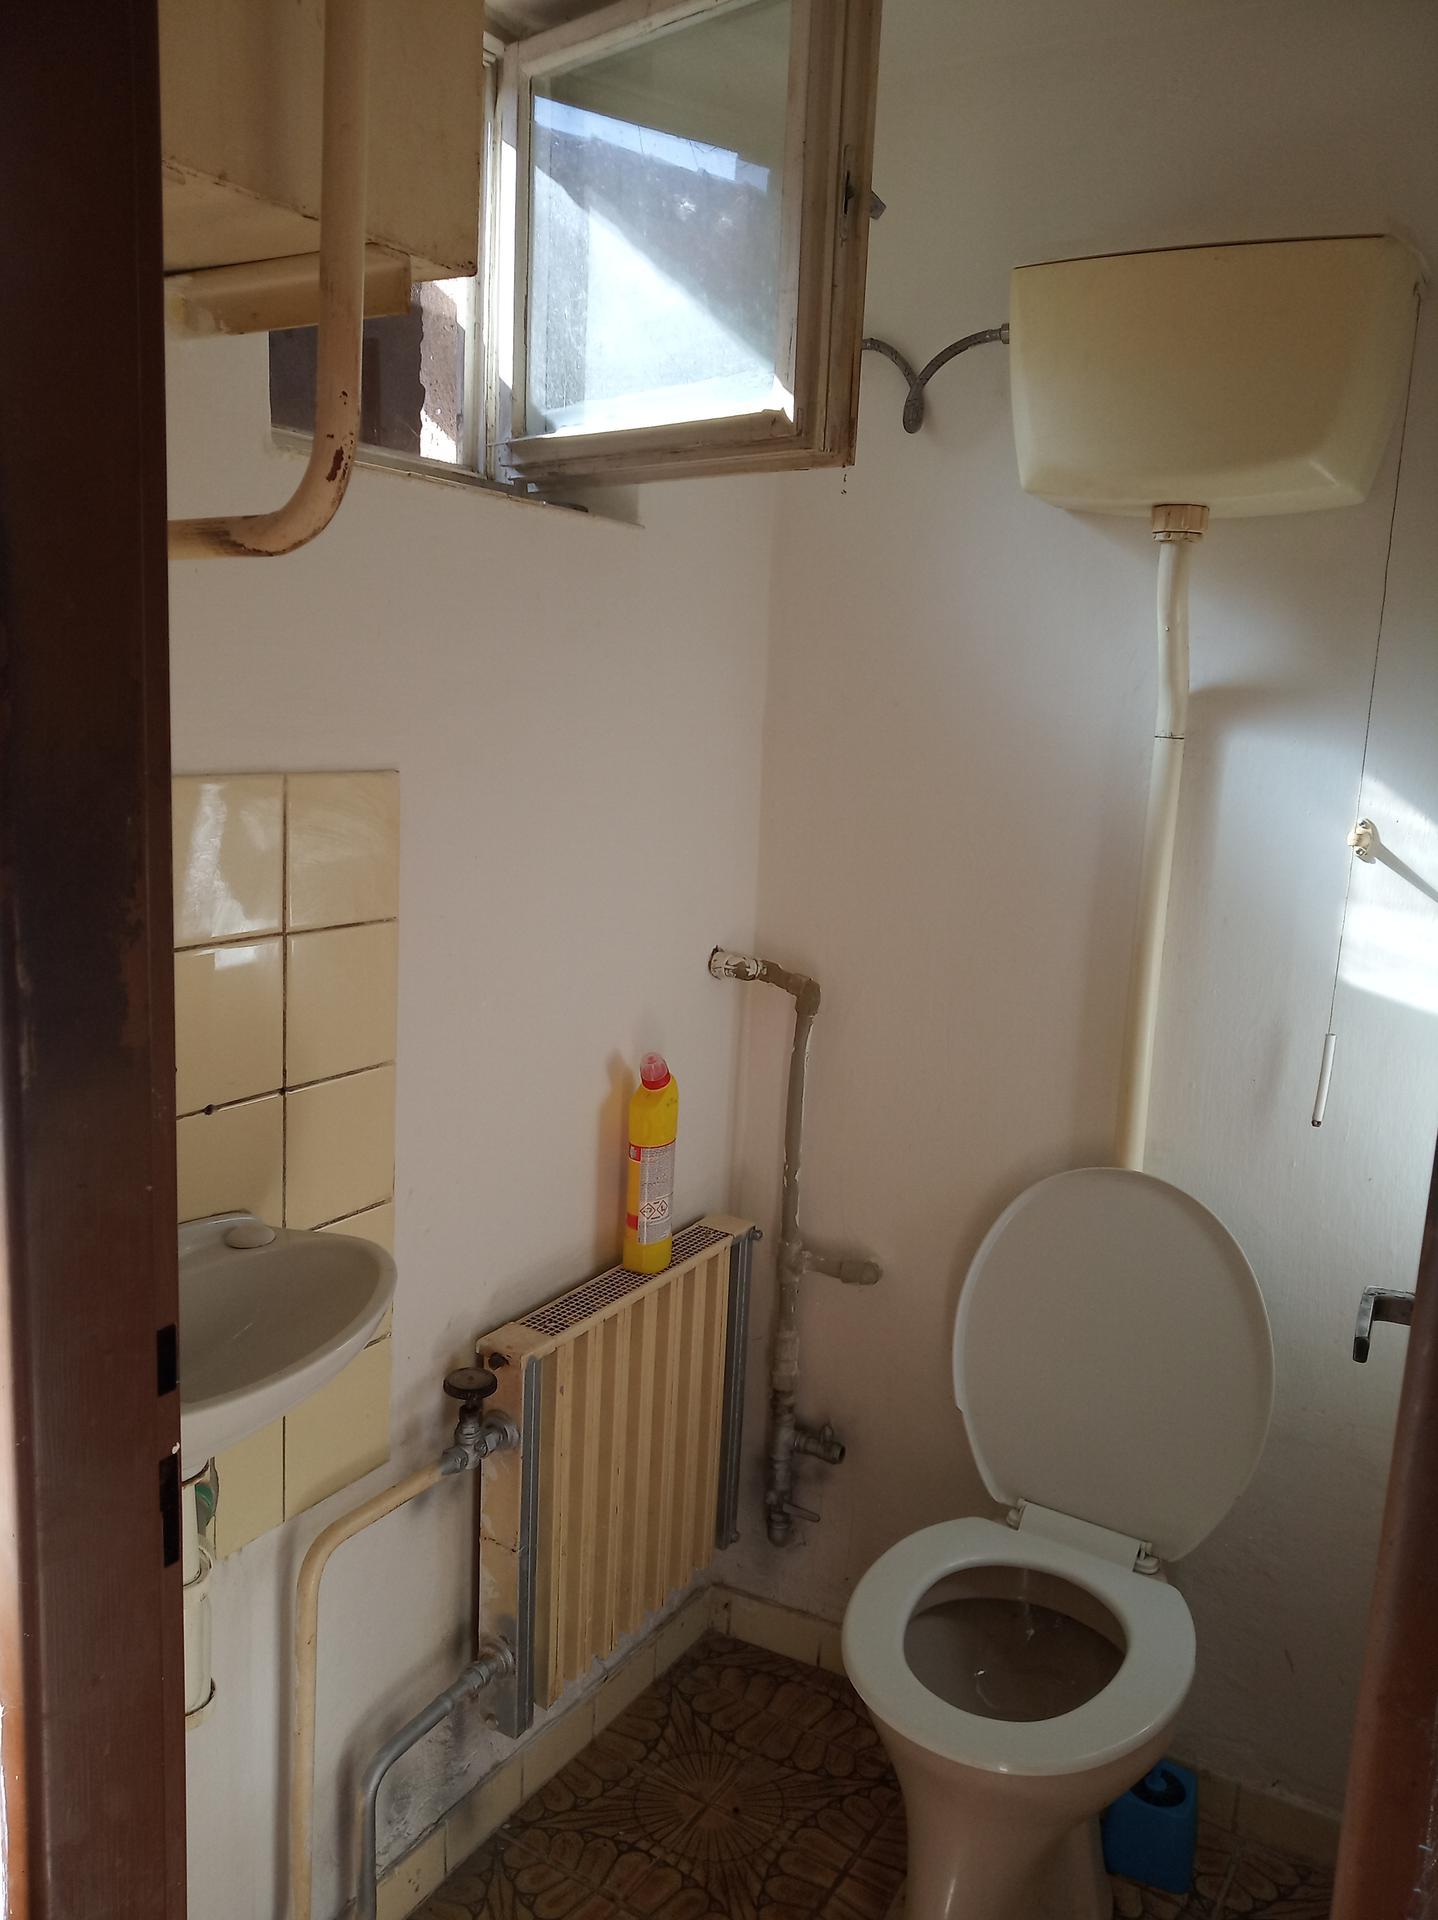 WC - Původní WC